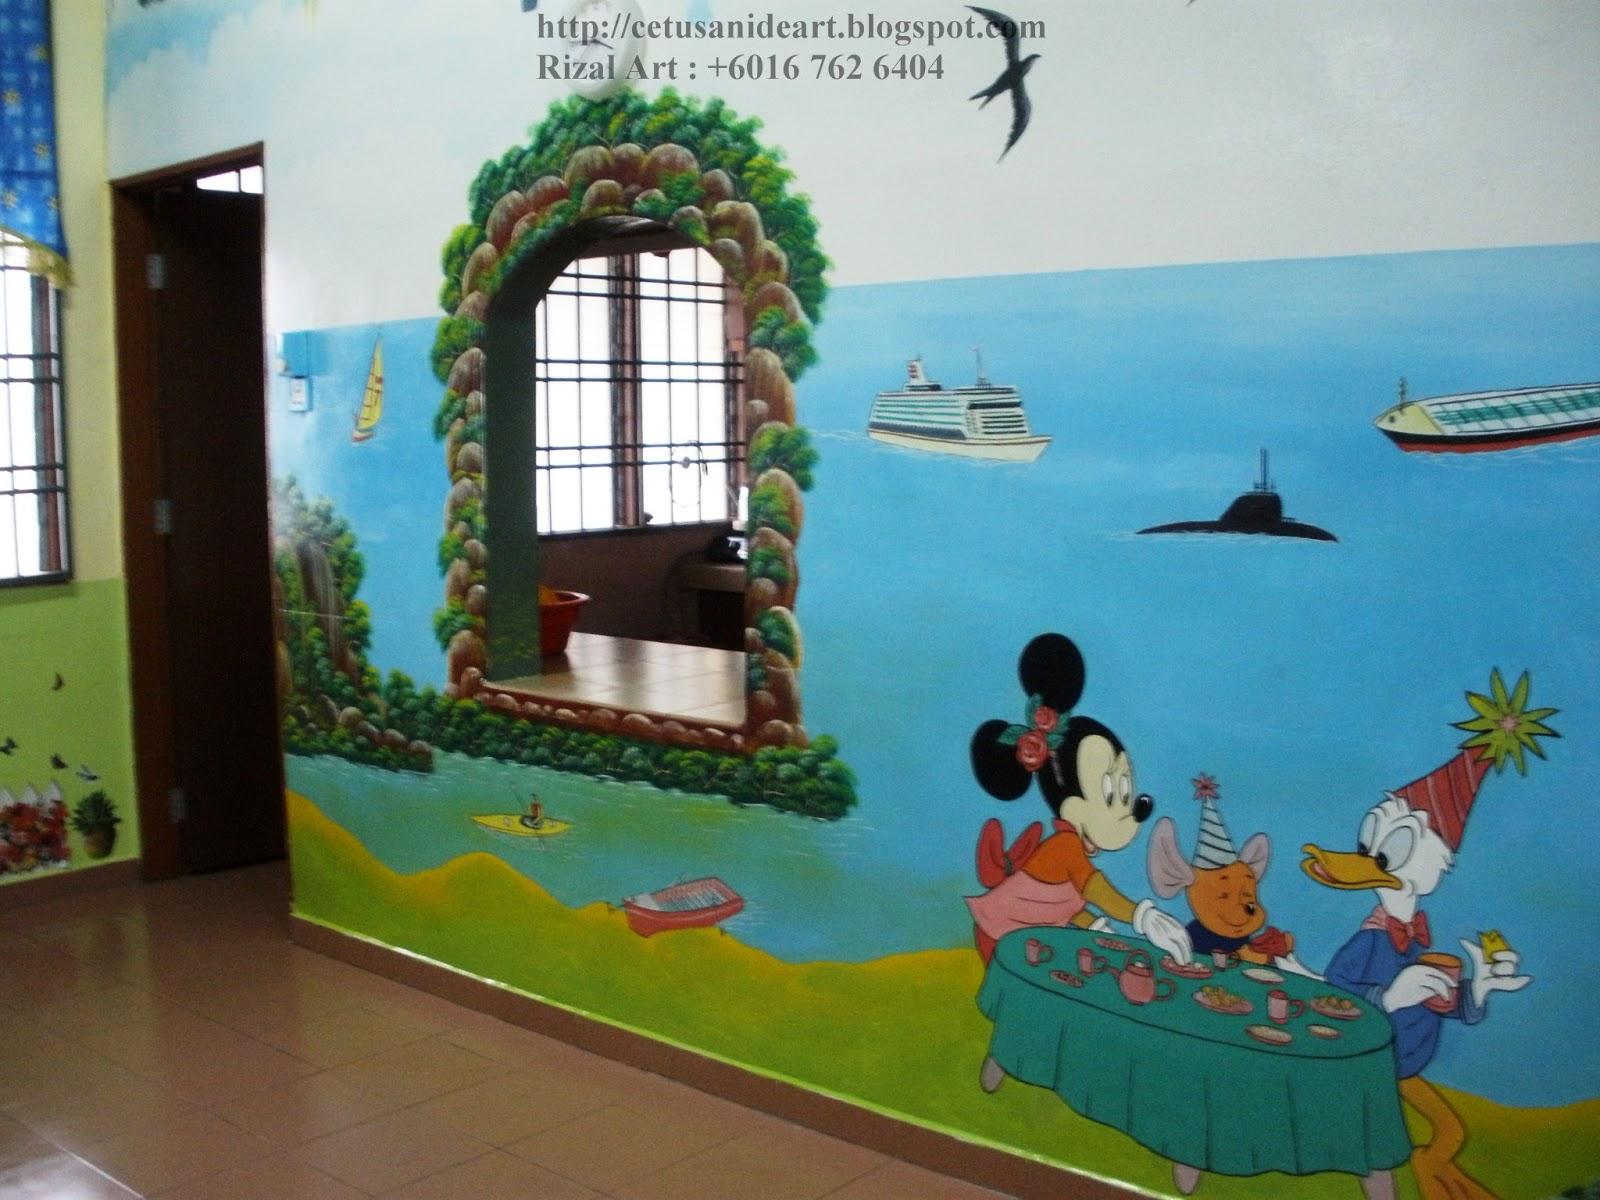 Mural art cetusan idea february 2013 for Mural untuk taska